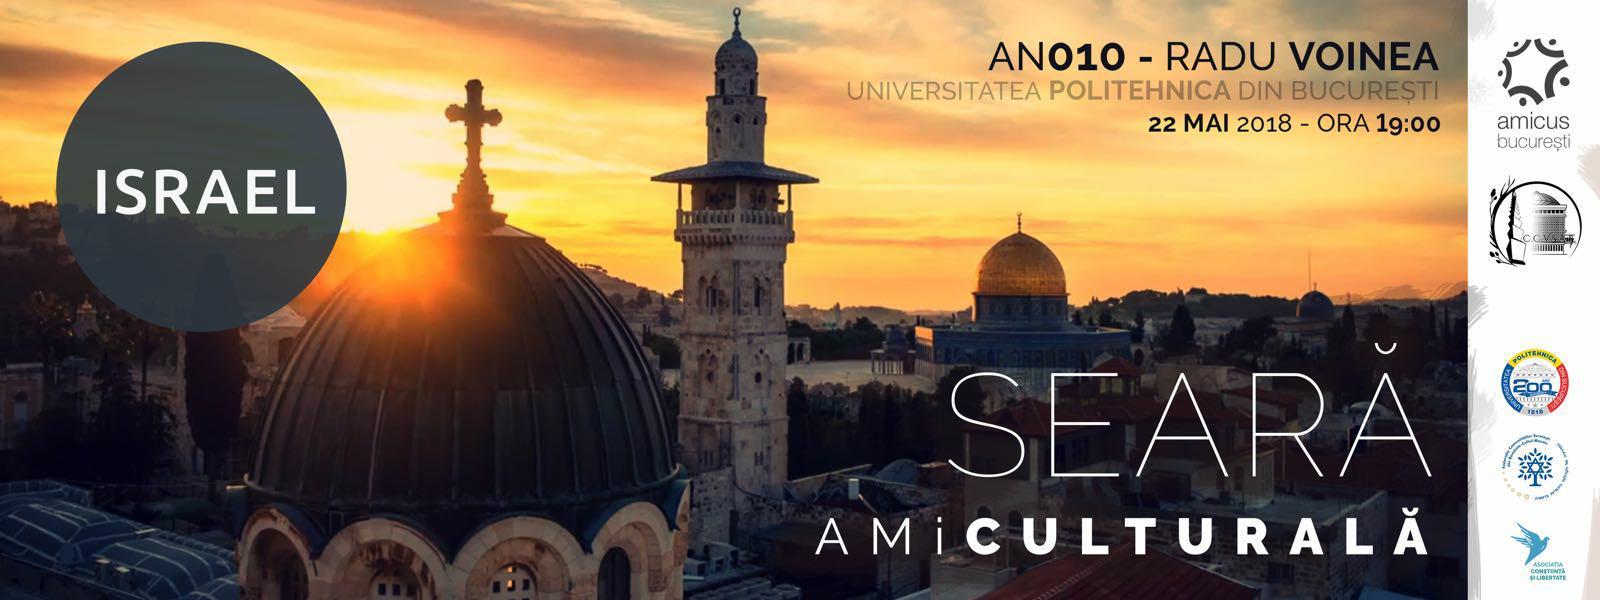 UPB a găzduit marți, 22 mai, un eveniment cultural – Seara AMiCulturală – Israel